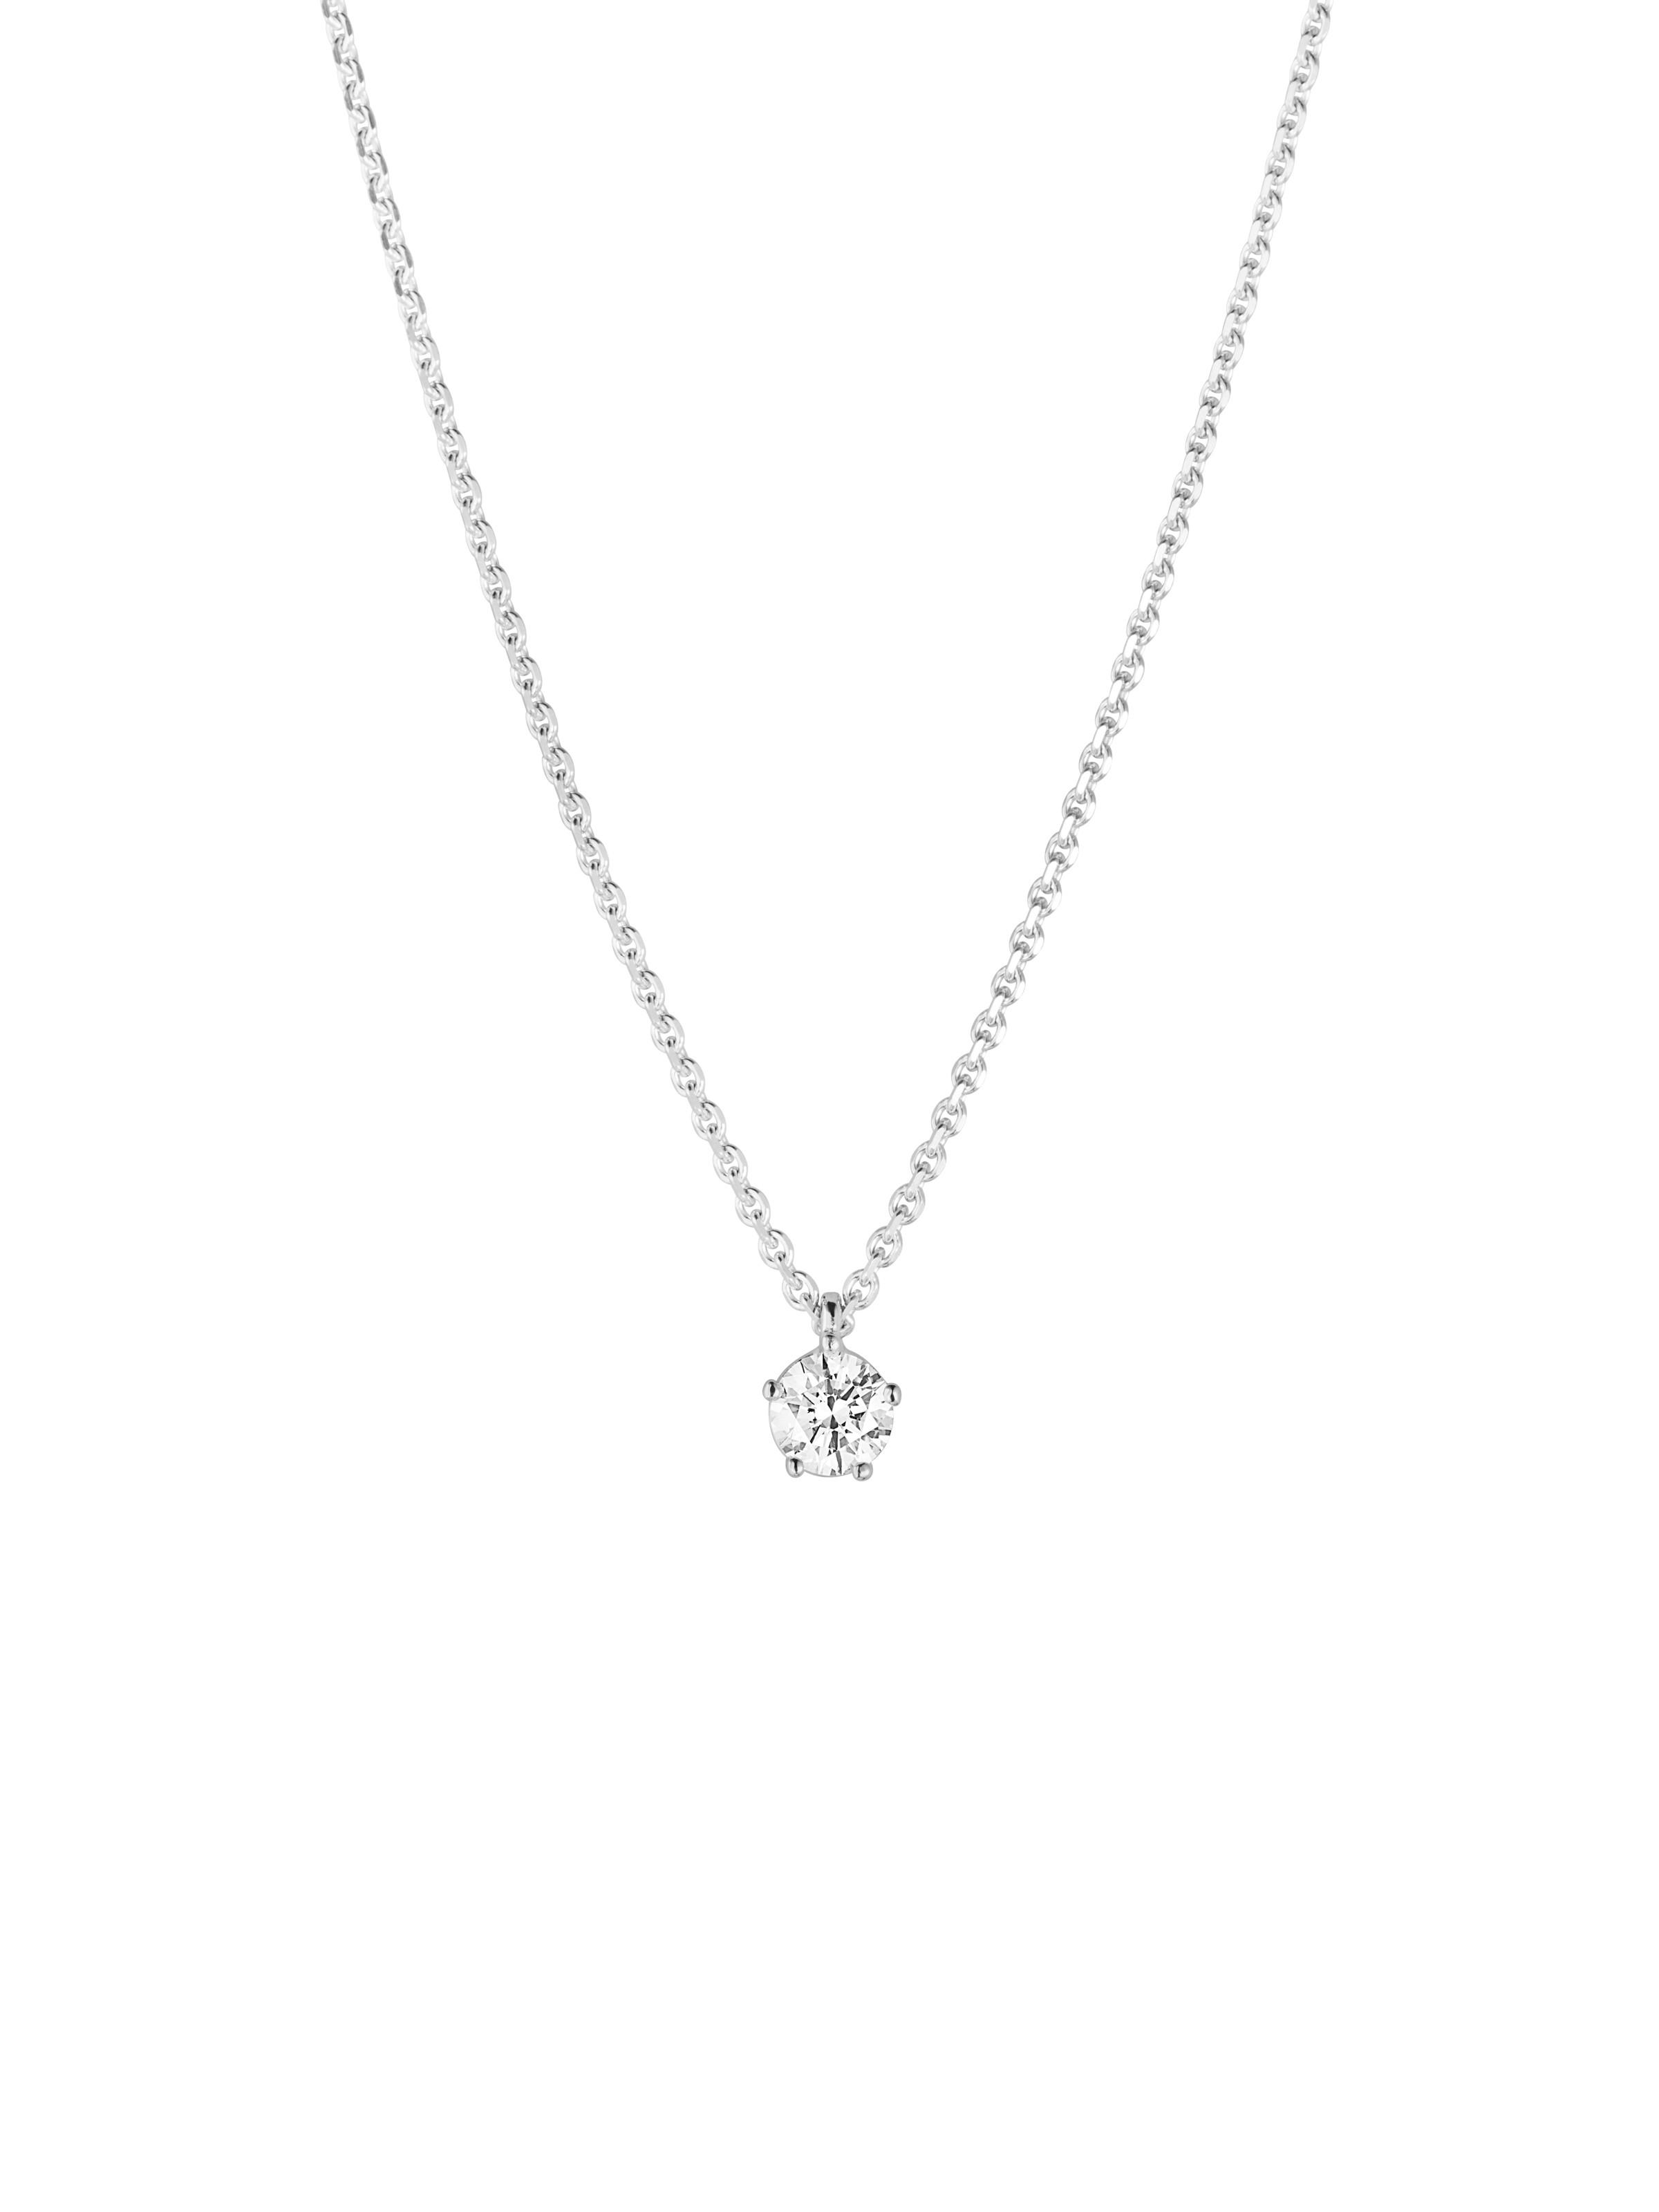 One Renaissance pendant